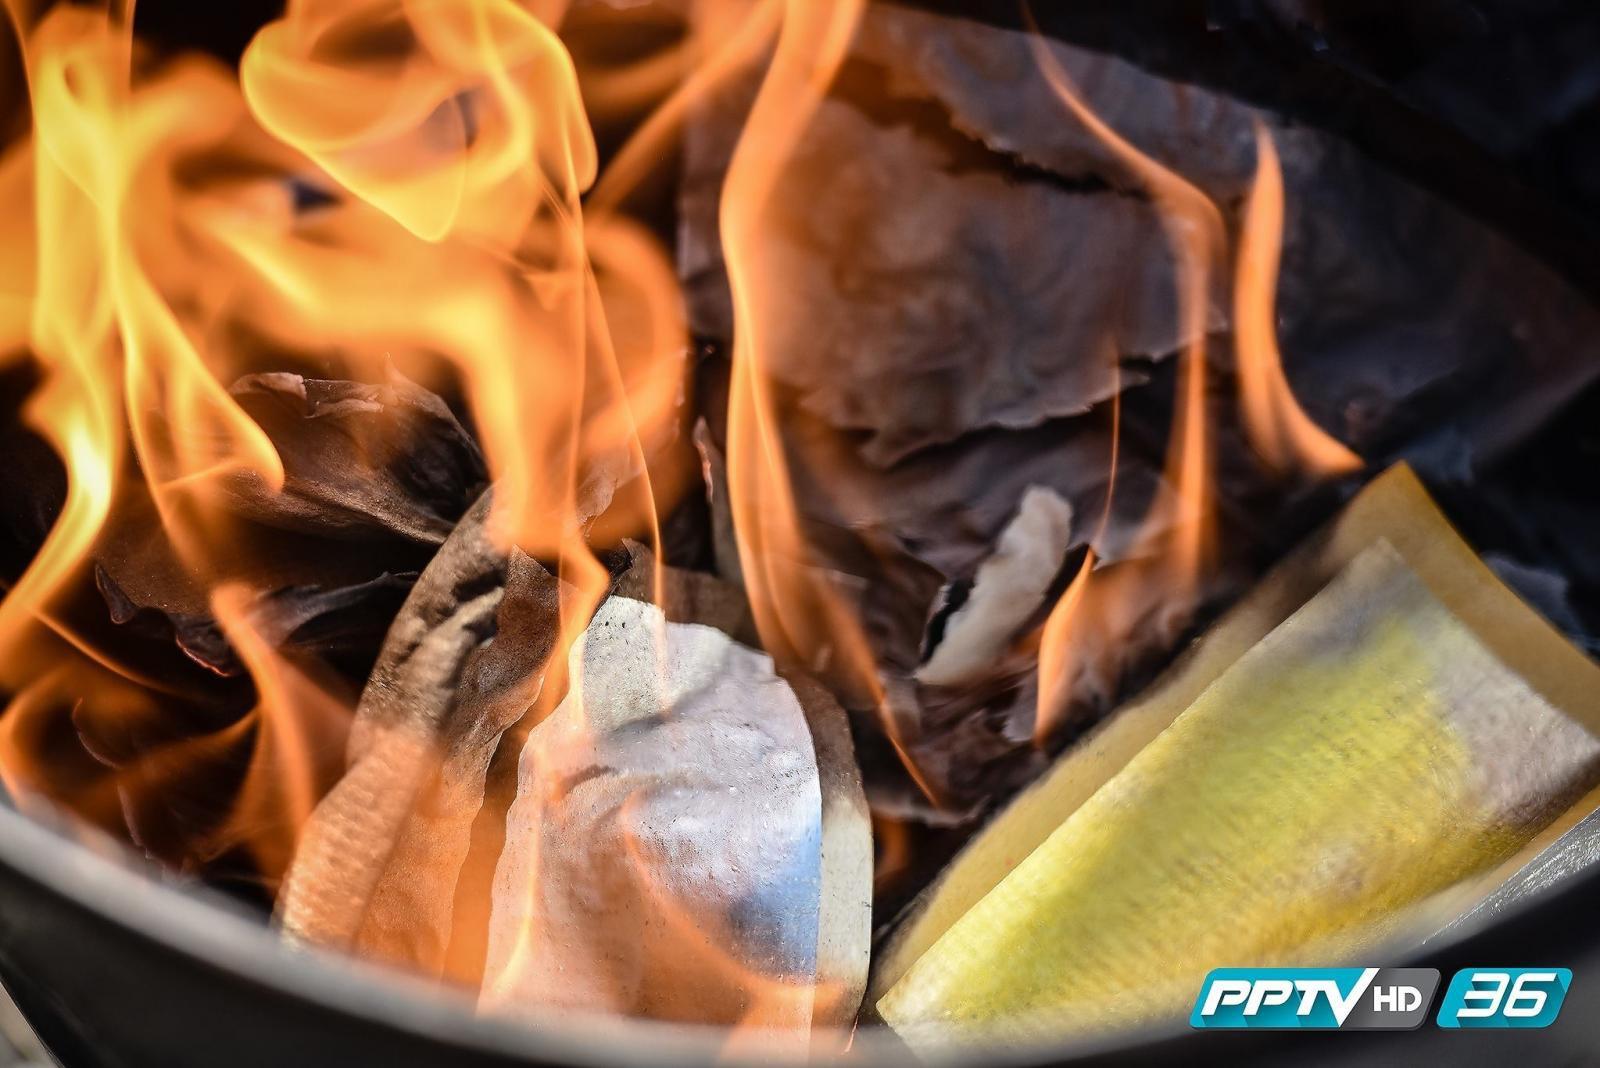 """เตือนระวังเผา """"กระดาษกงเต๊ก"""" ก่อสารโลหะหนัก ปล่อยมลพิษทางอากาศ"""